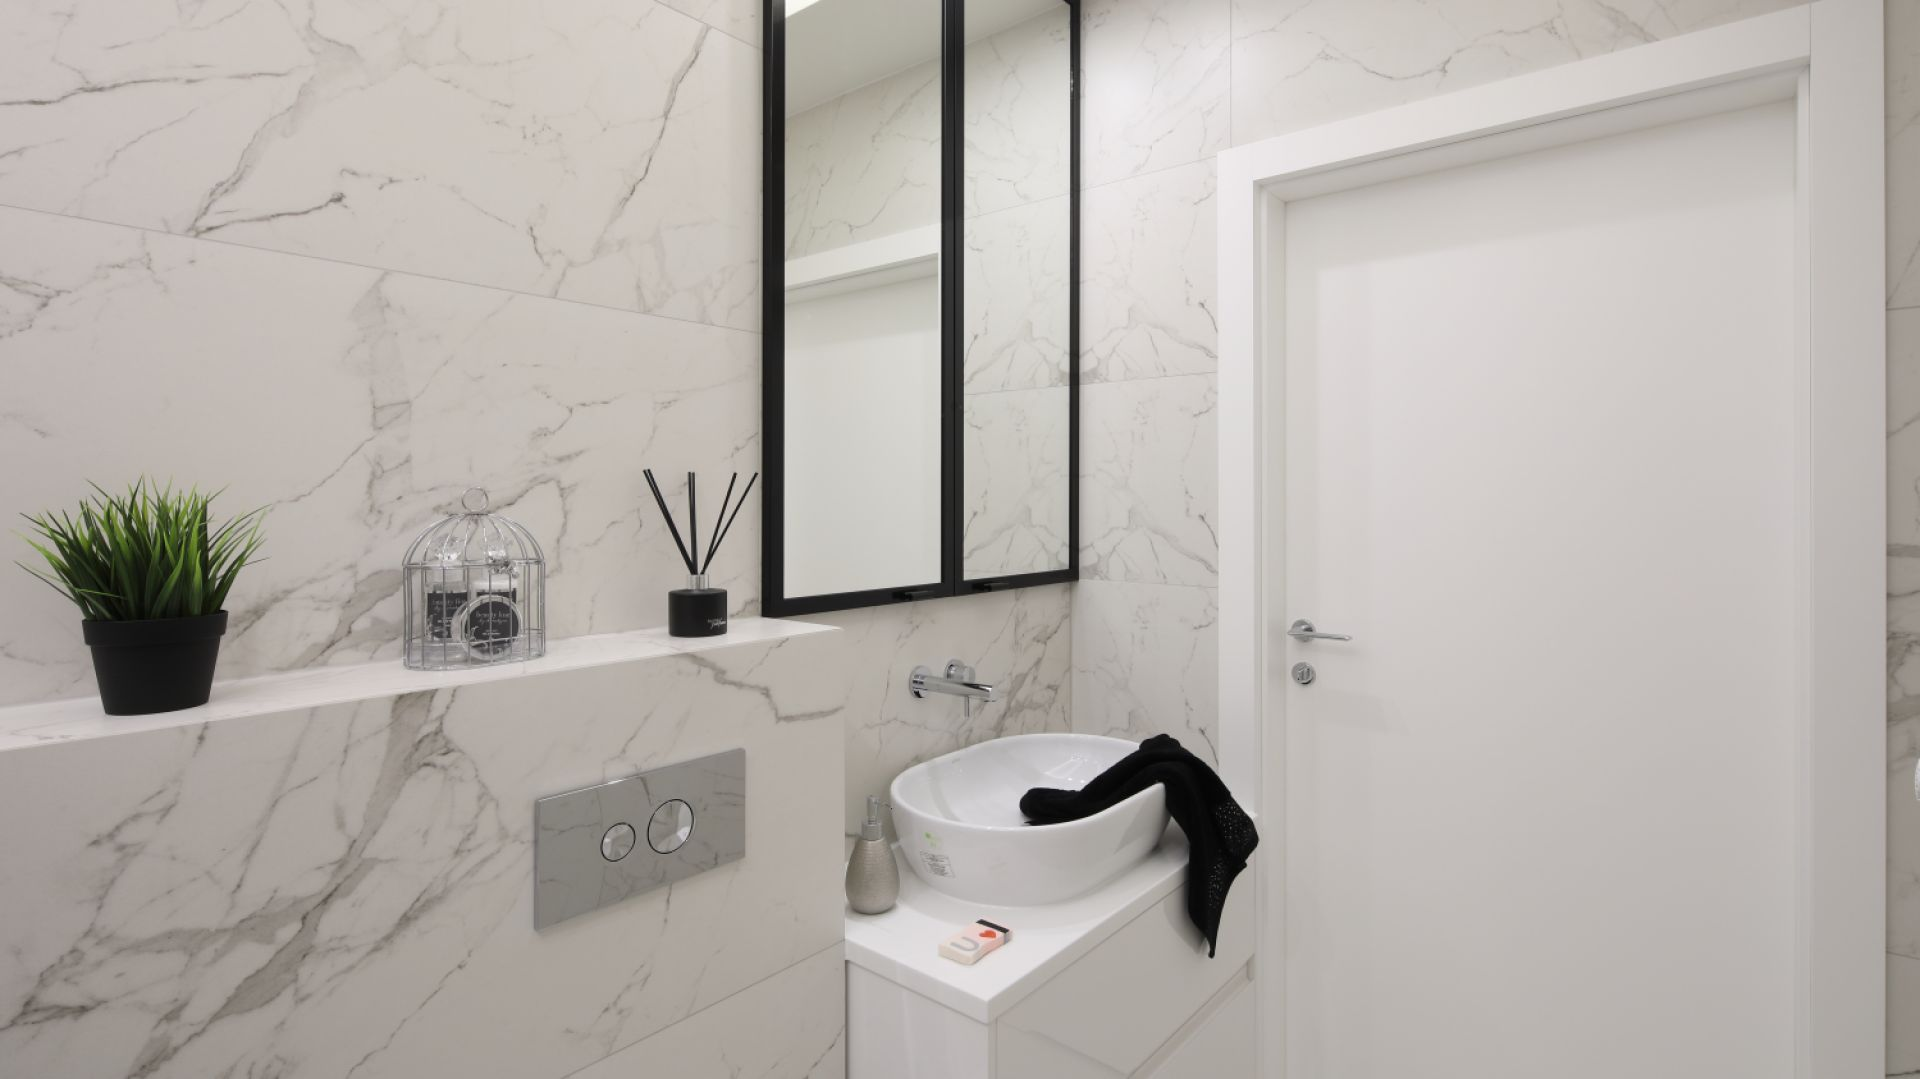 Sposób na przechowywanie w łazience: szafki pod sam sufit. Proj. Katarzyna Mikulska-Sękalska. Fot. Bartosz Jarosz